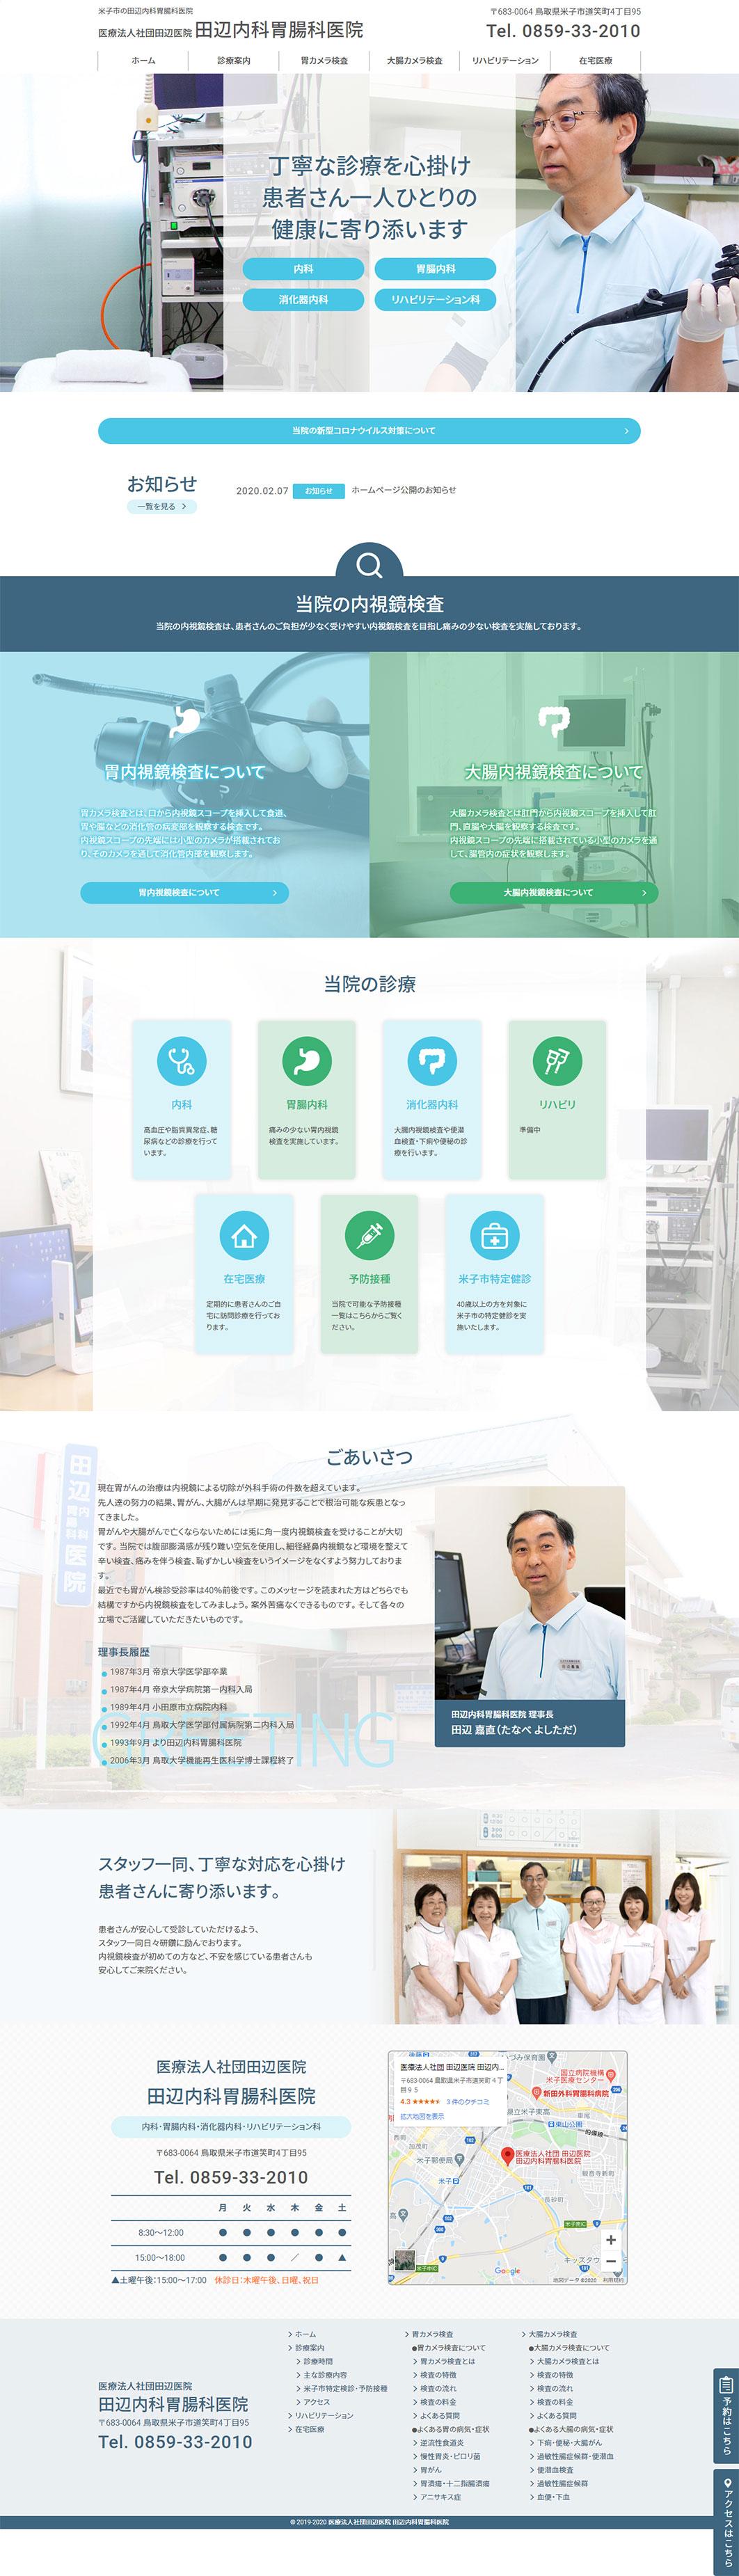 田辺内科胃腸科医院